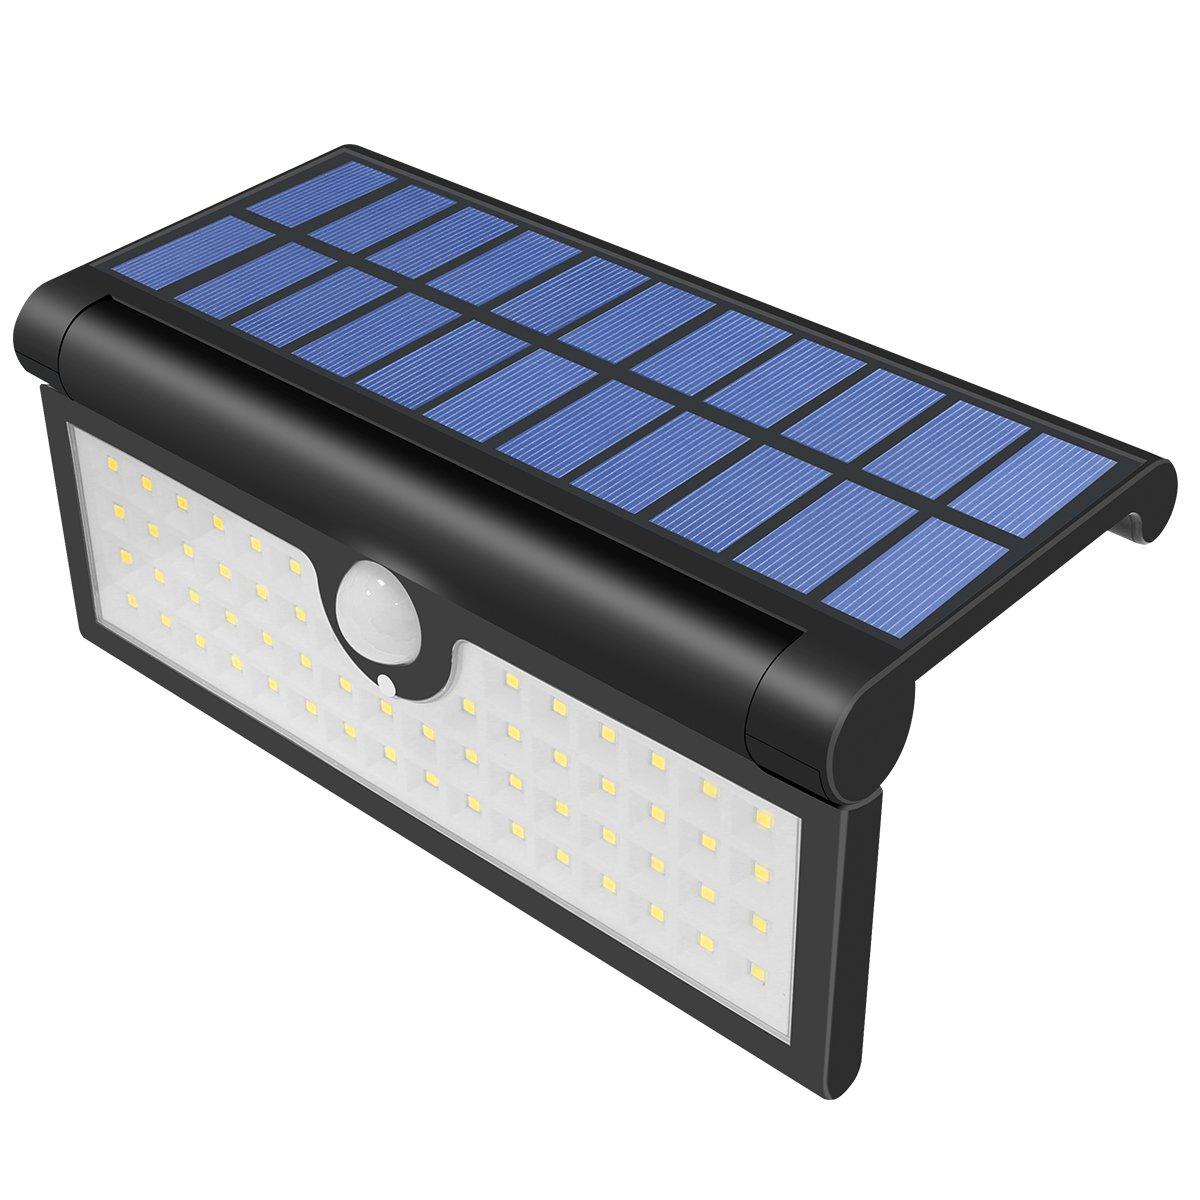 Yasolote, Solarleuchten, 58 LED Außen Wandlampe, Wasserdichte Wandleuchte mit Bewegungsmelder und 3 Modi, Aussenleuchten für Haus, Garten, Balkon, Terrassen, Wegbeleuchtung [Energieklasse A+++] 58 LED Außen Wandlampe Aussenleuchten für Haus